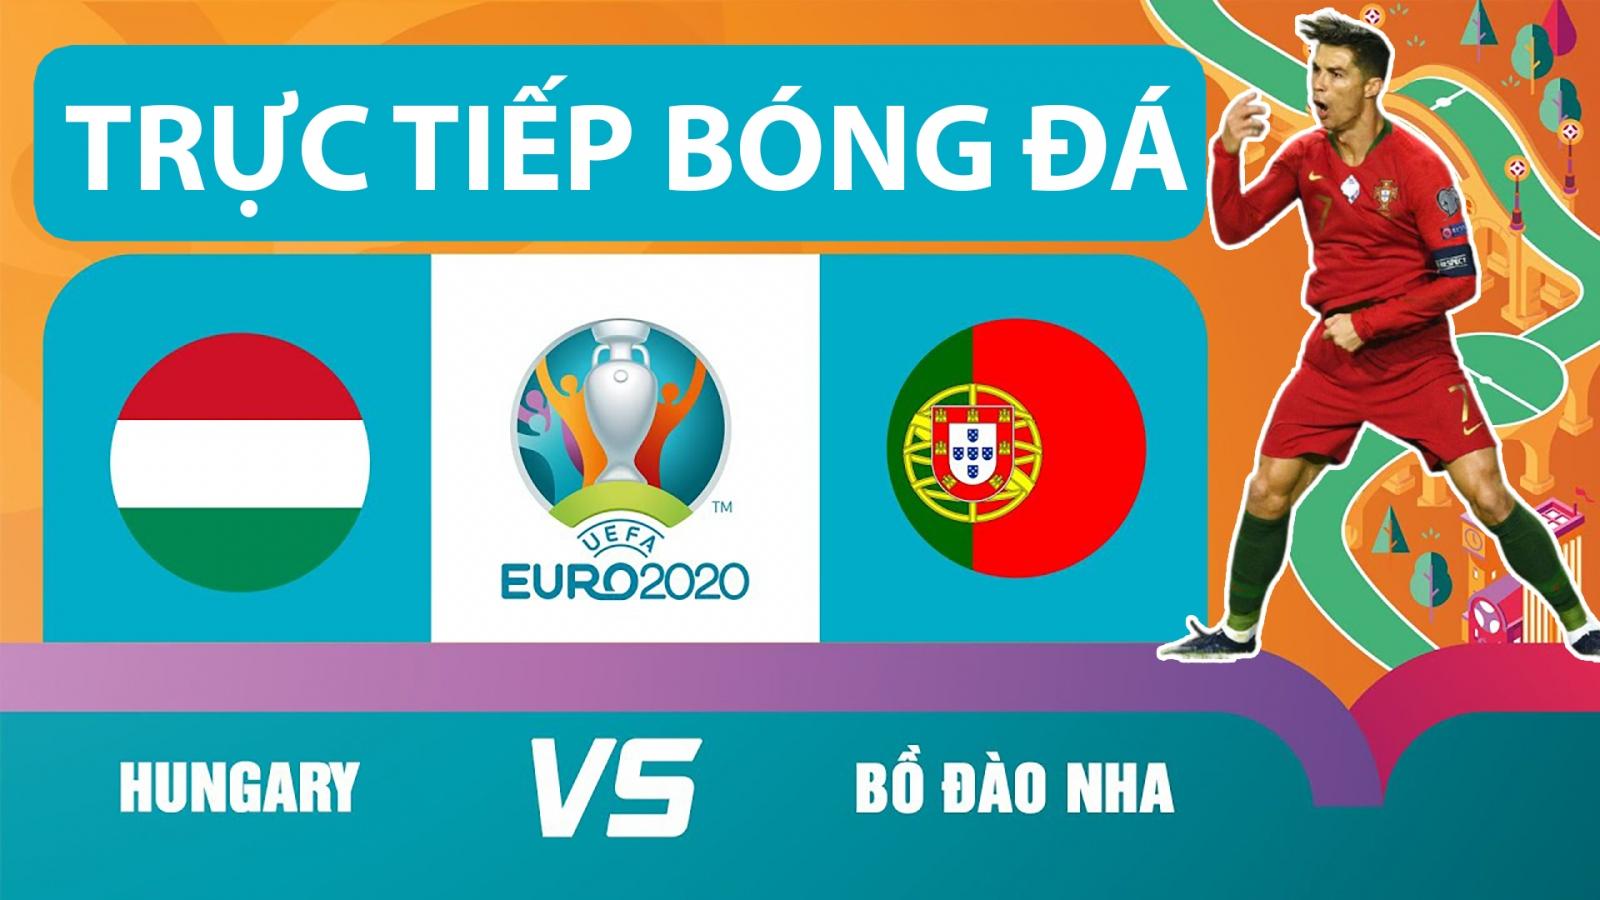 Trực tiếp bóng đá Hungary - Bồ Đào Nha: Ronaldo sắp lập siêu kỷ lục